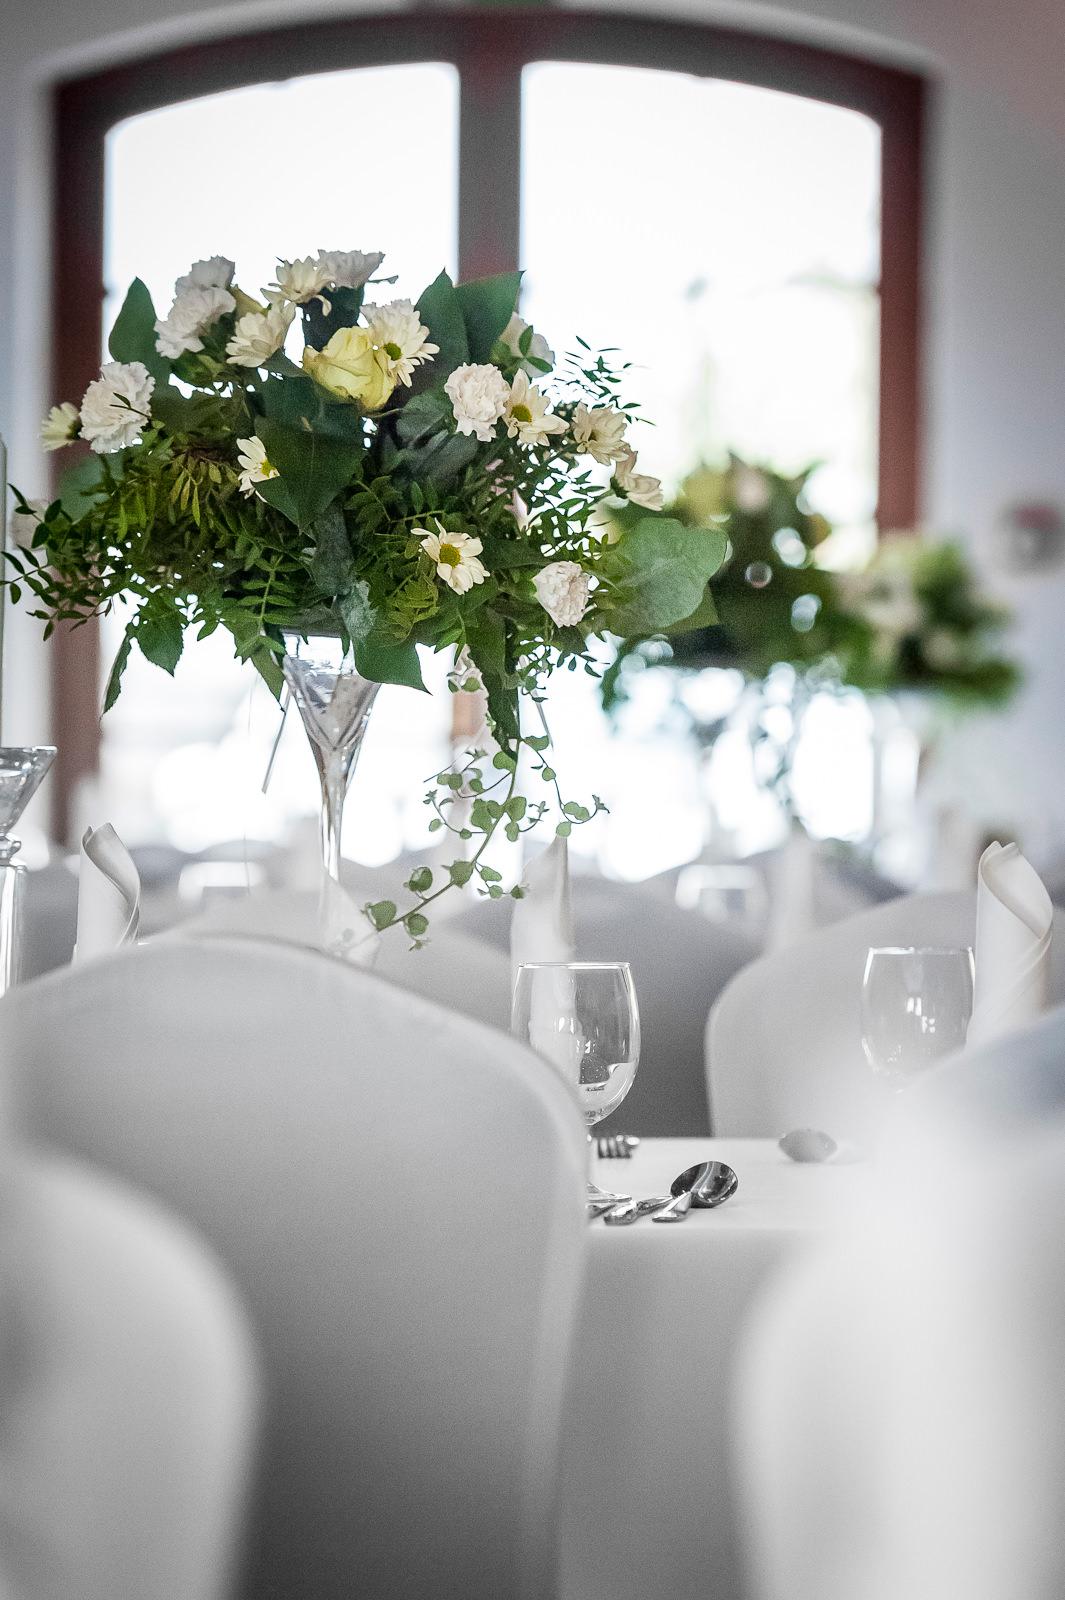 Dekoracje florystyczne na stołach Kuźnia Smaków